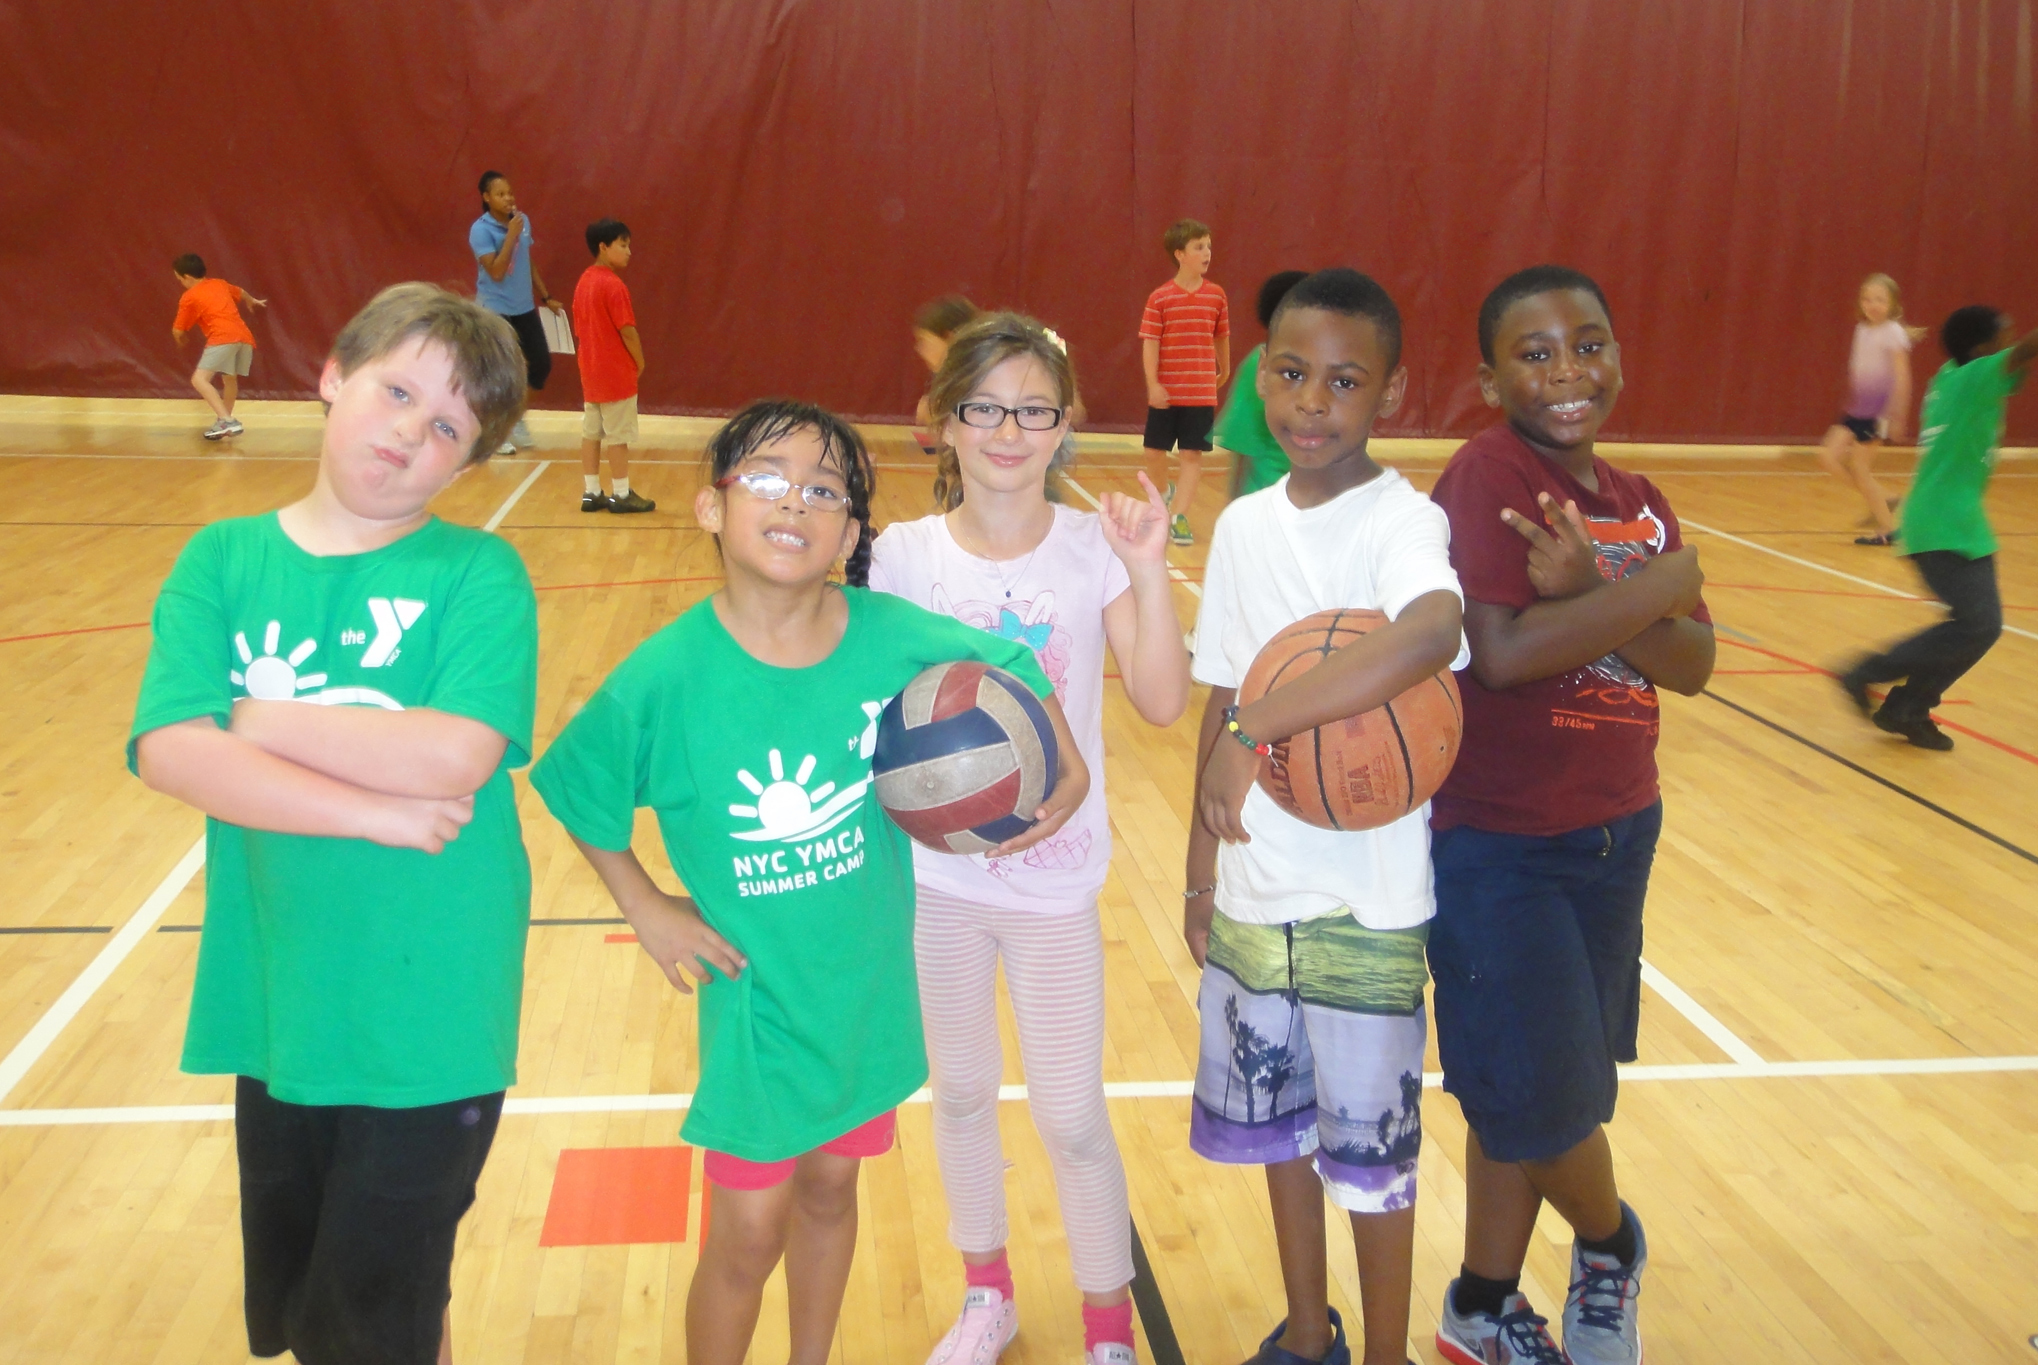 McBurney Basketball Camp